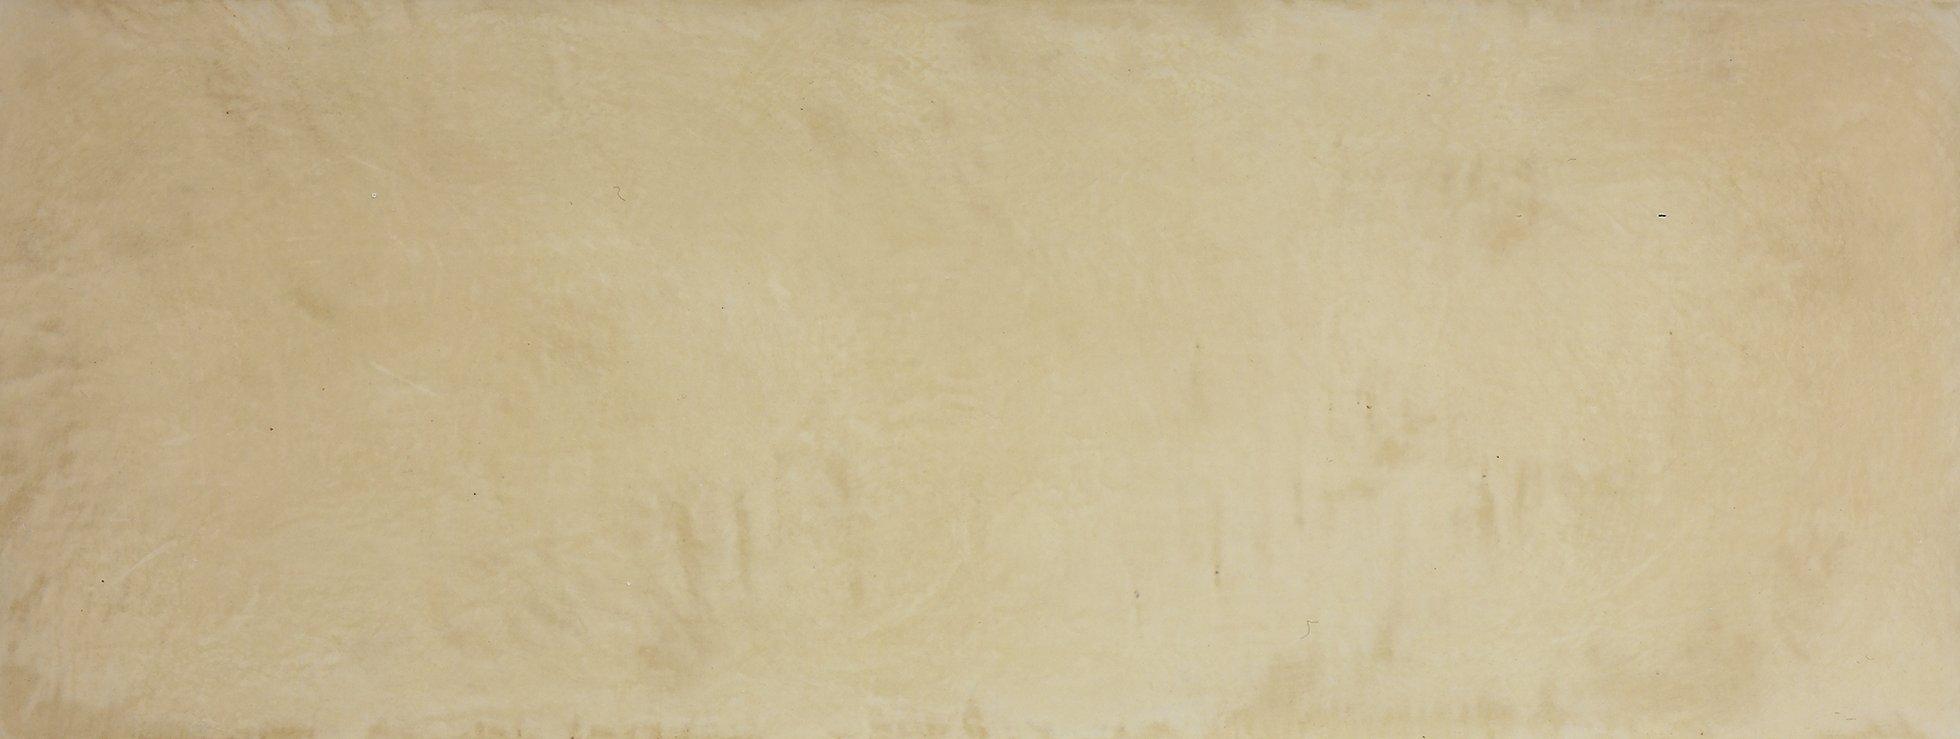 Plate groß gelblich